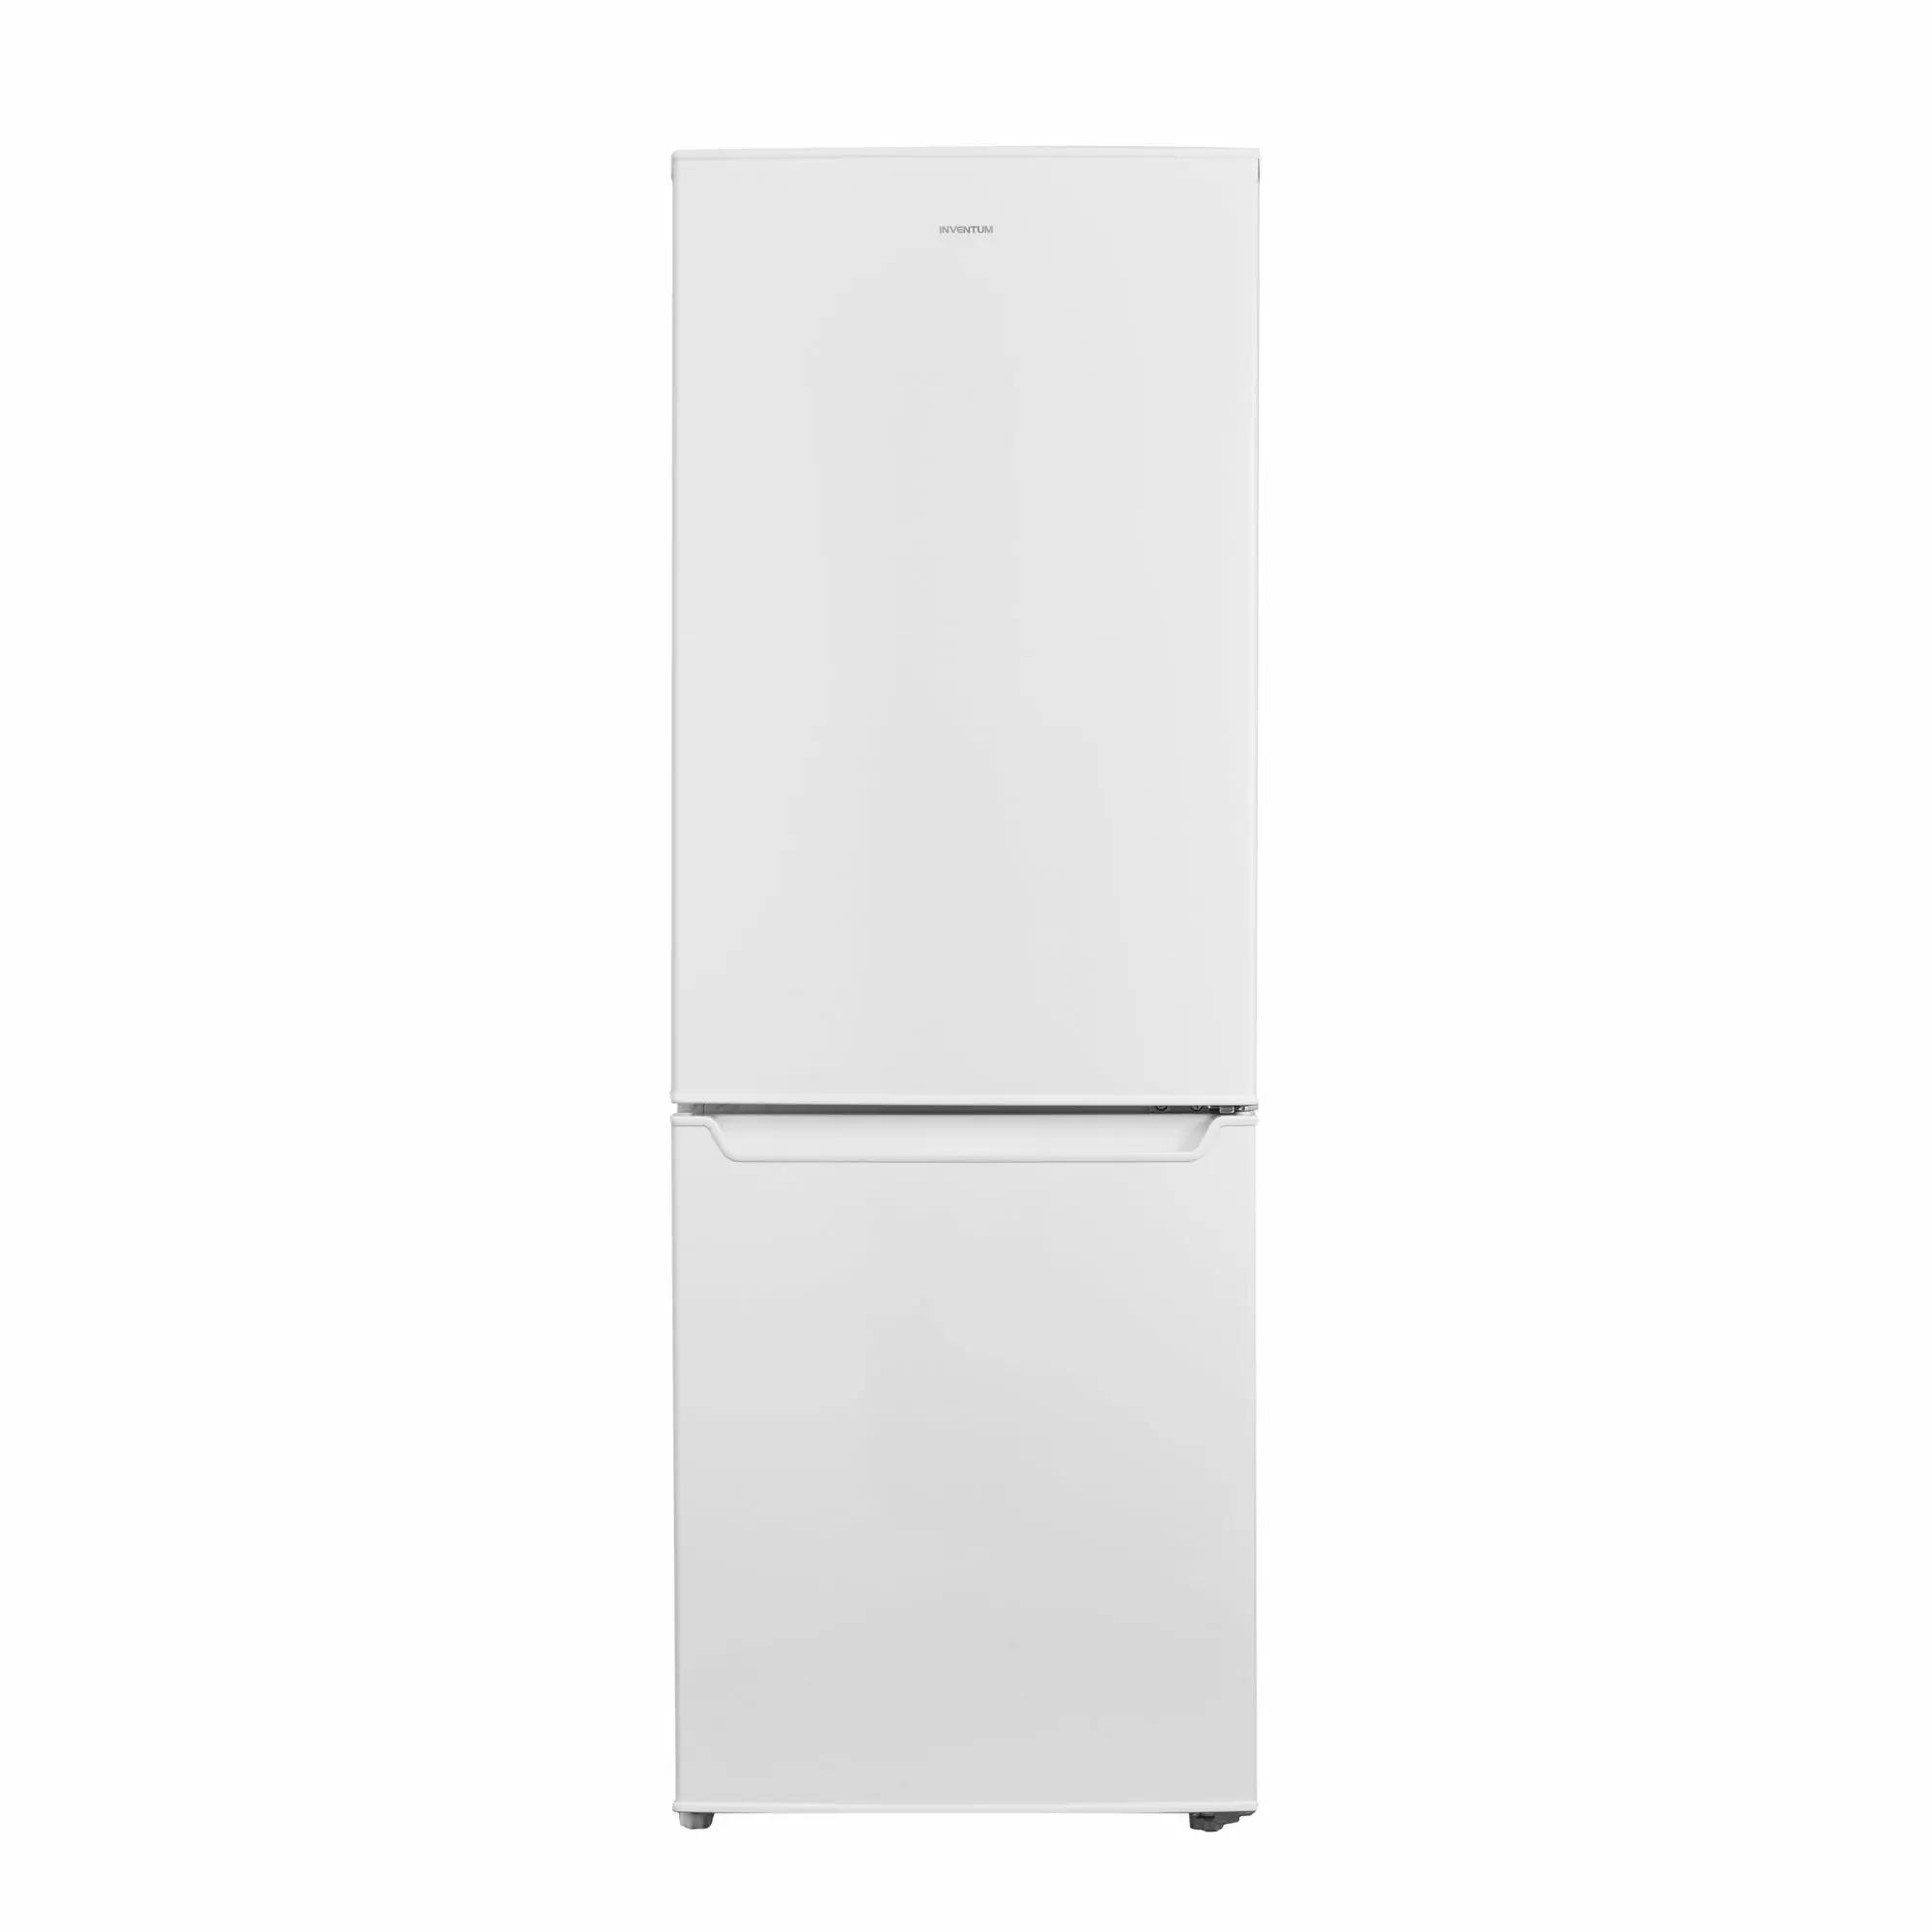 Korting Inventum KV1435W koelkast met vriesvak